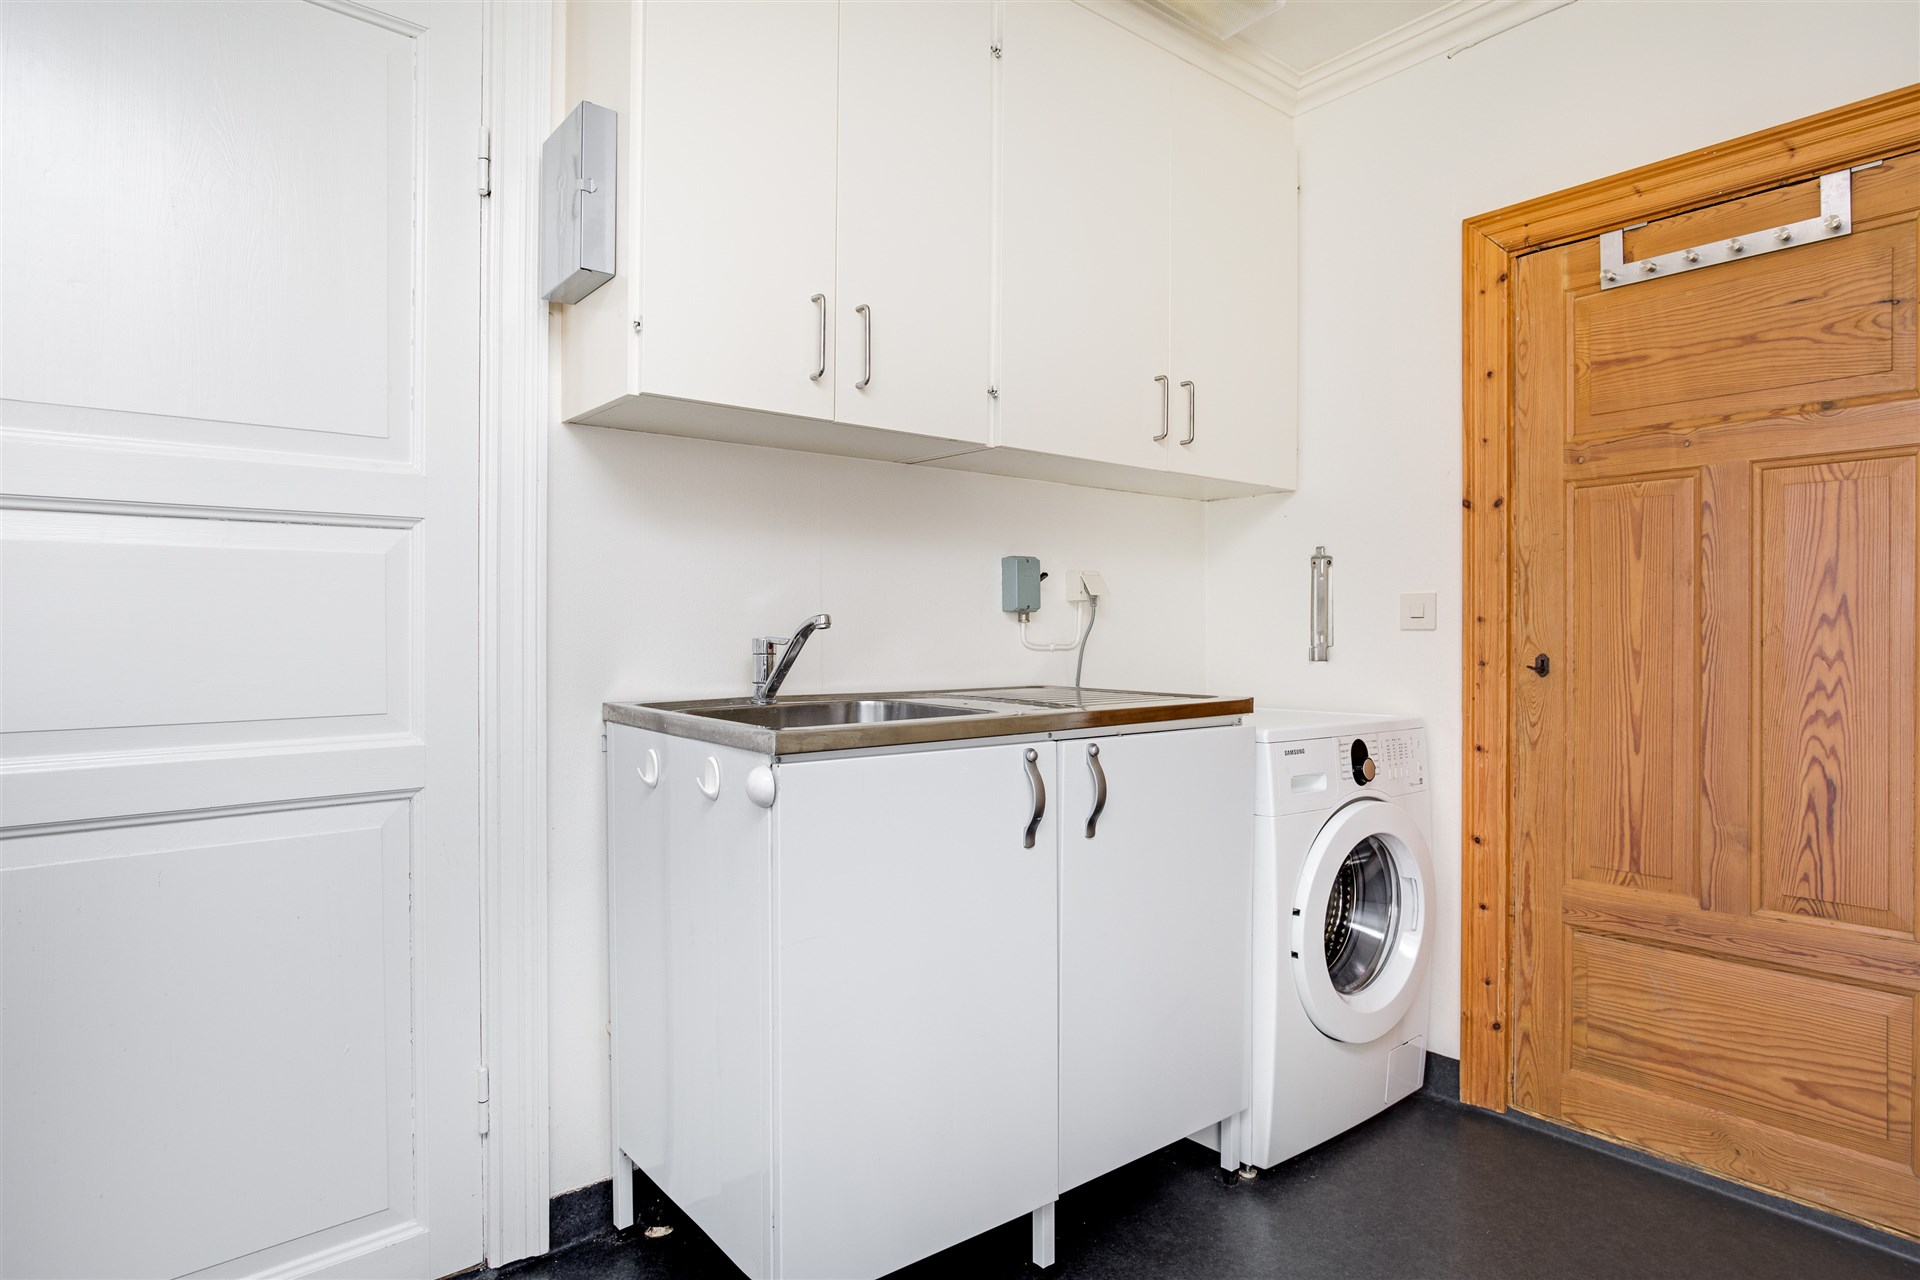 Tvättho och tvättmaskin med förråd innanför.